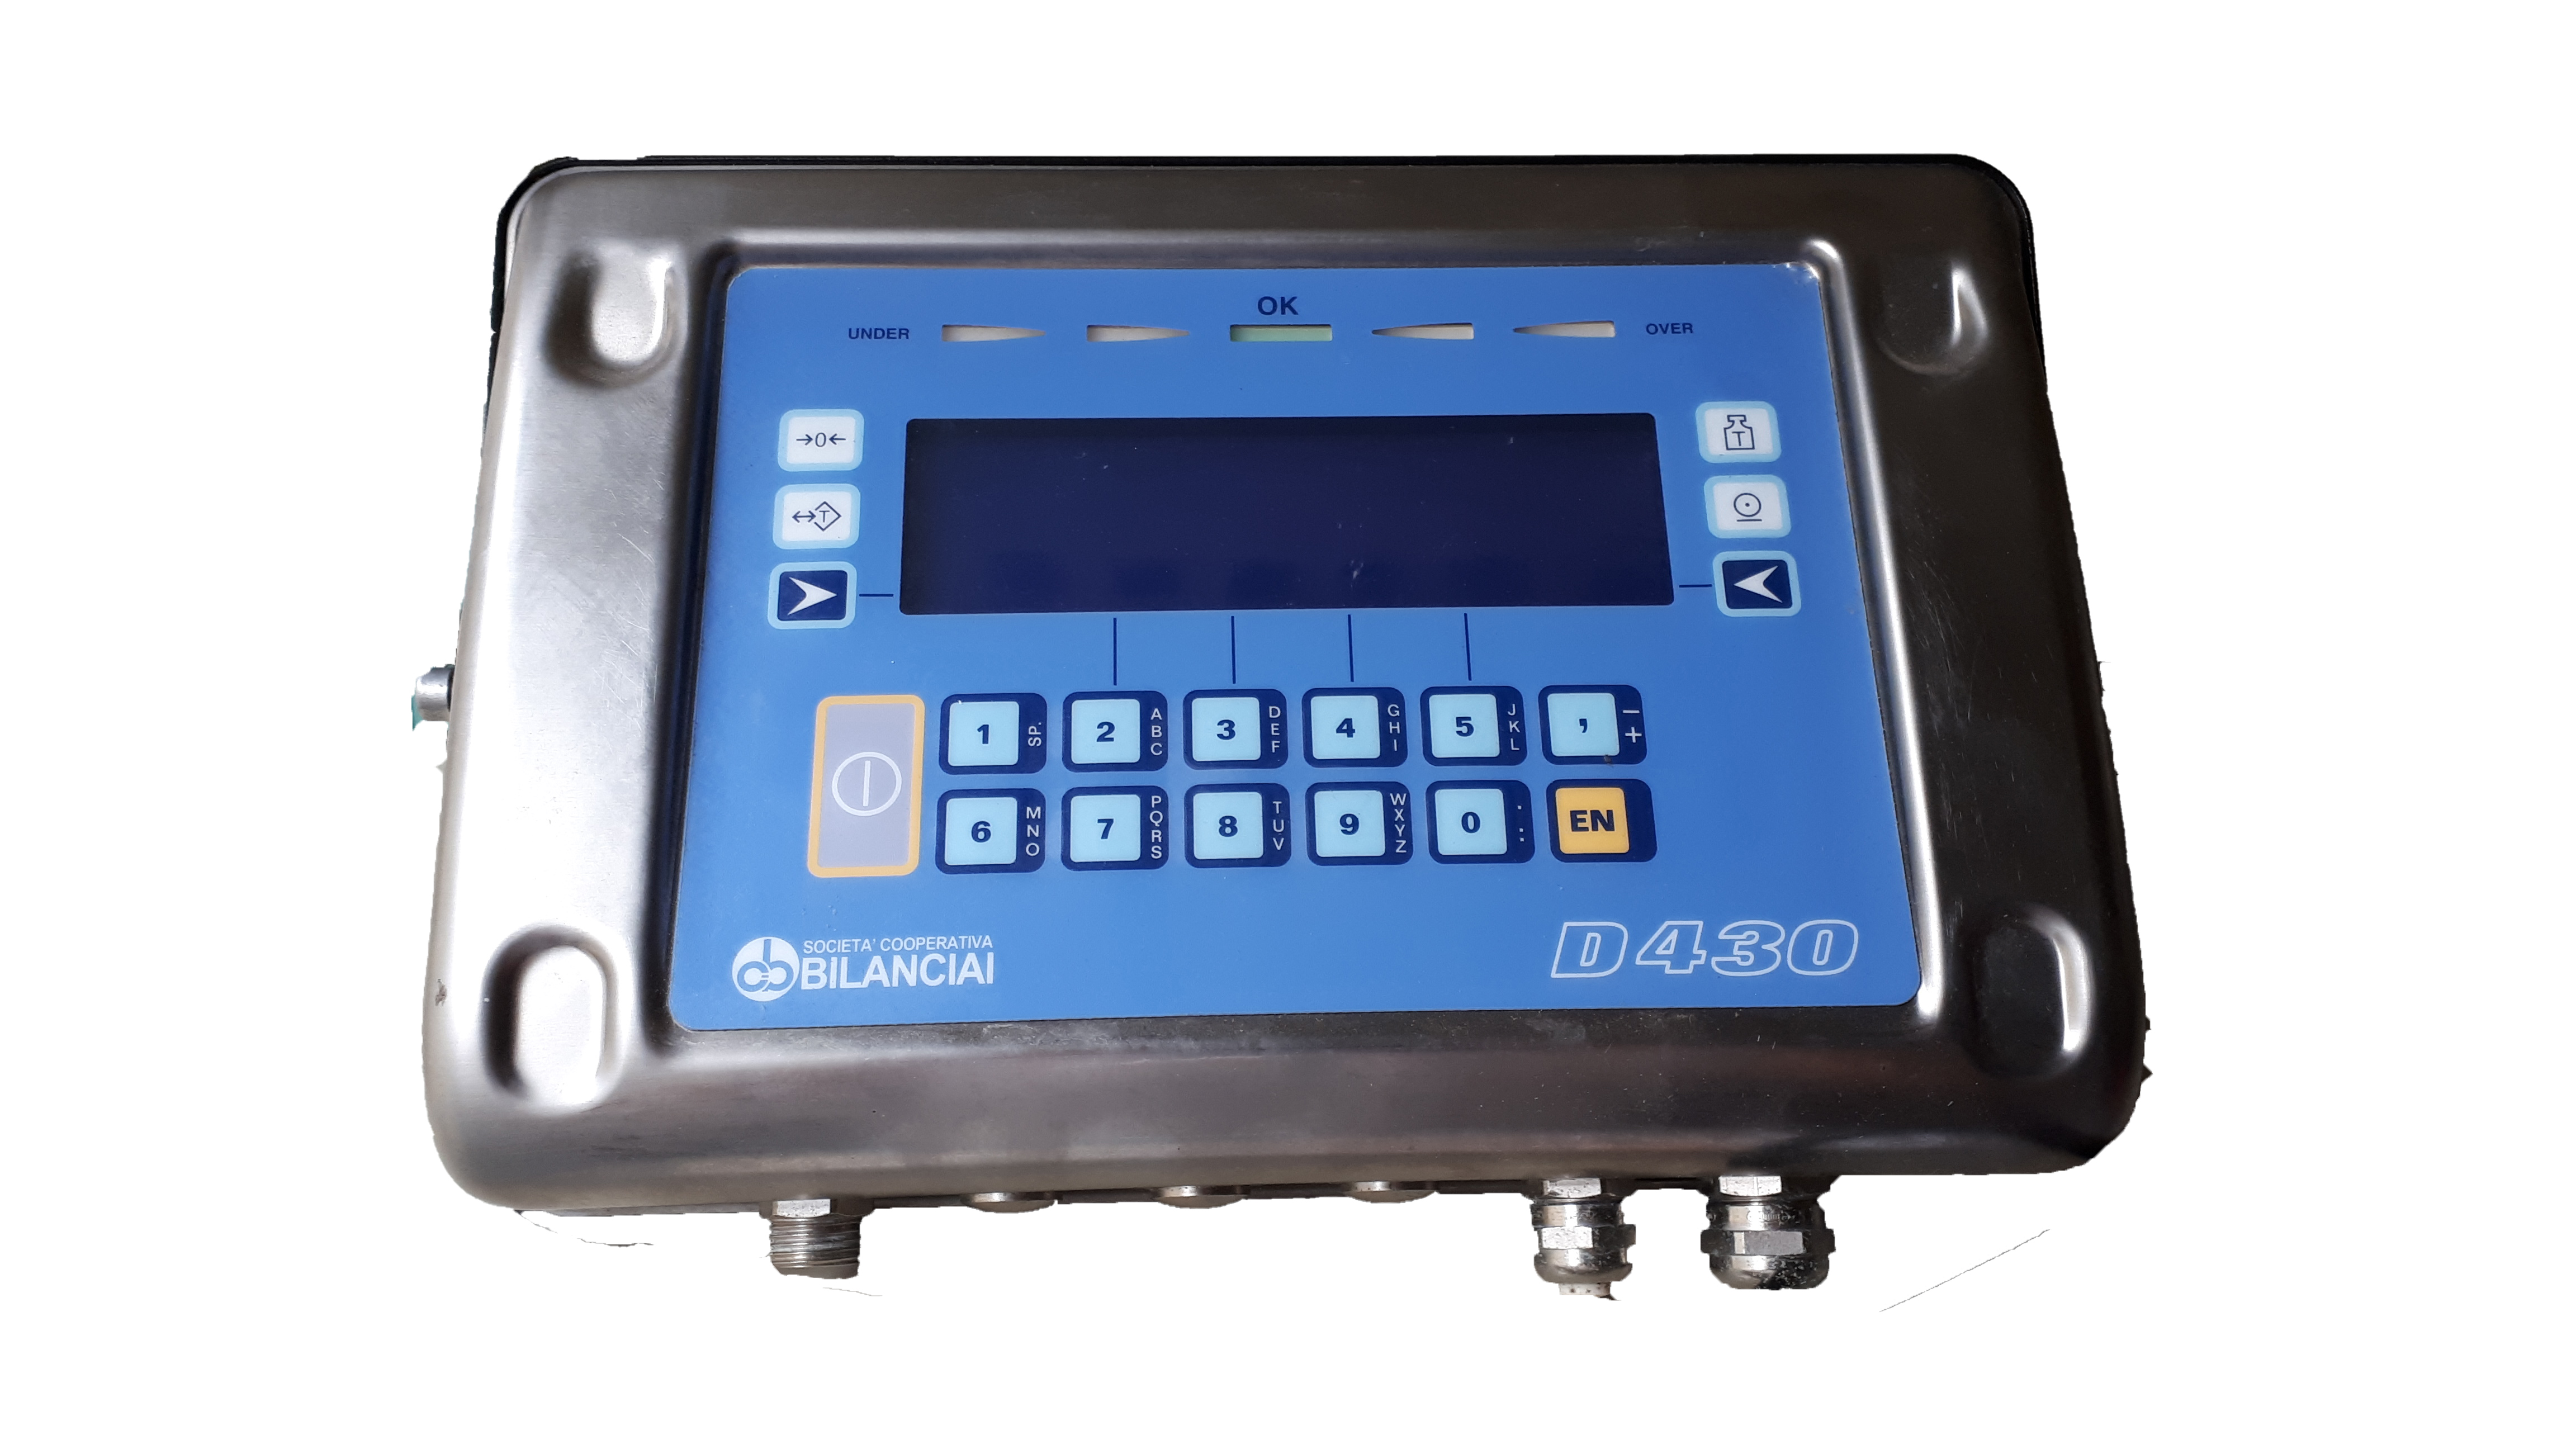 Indicateur de balance industrielle Bilanciai D430